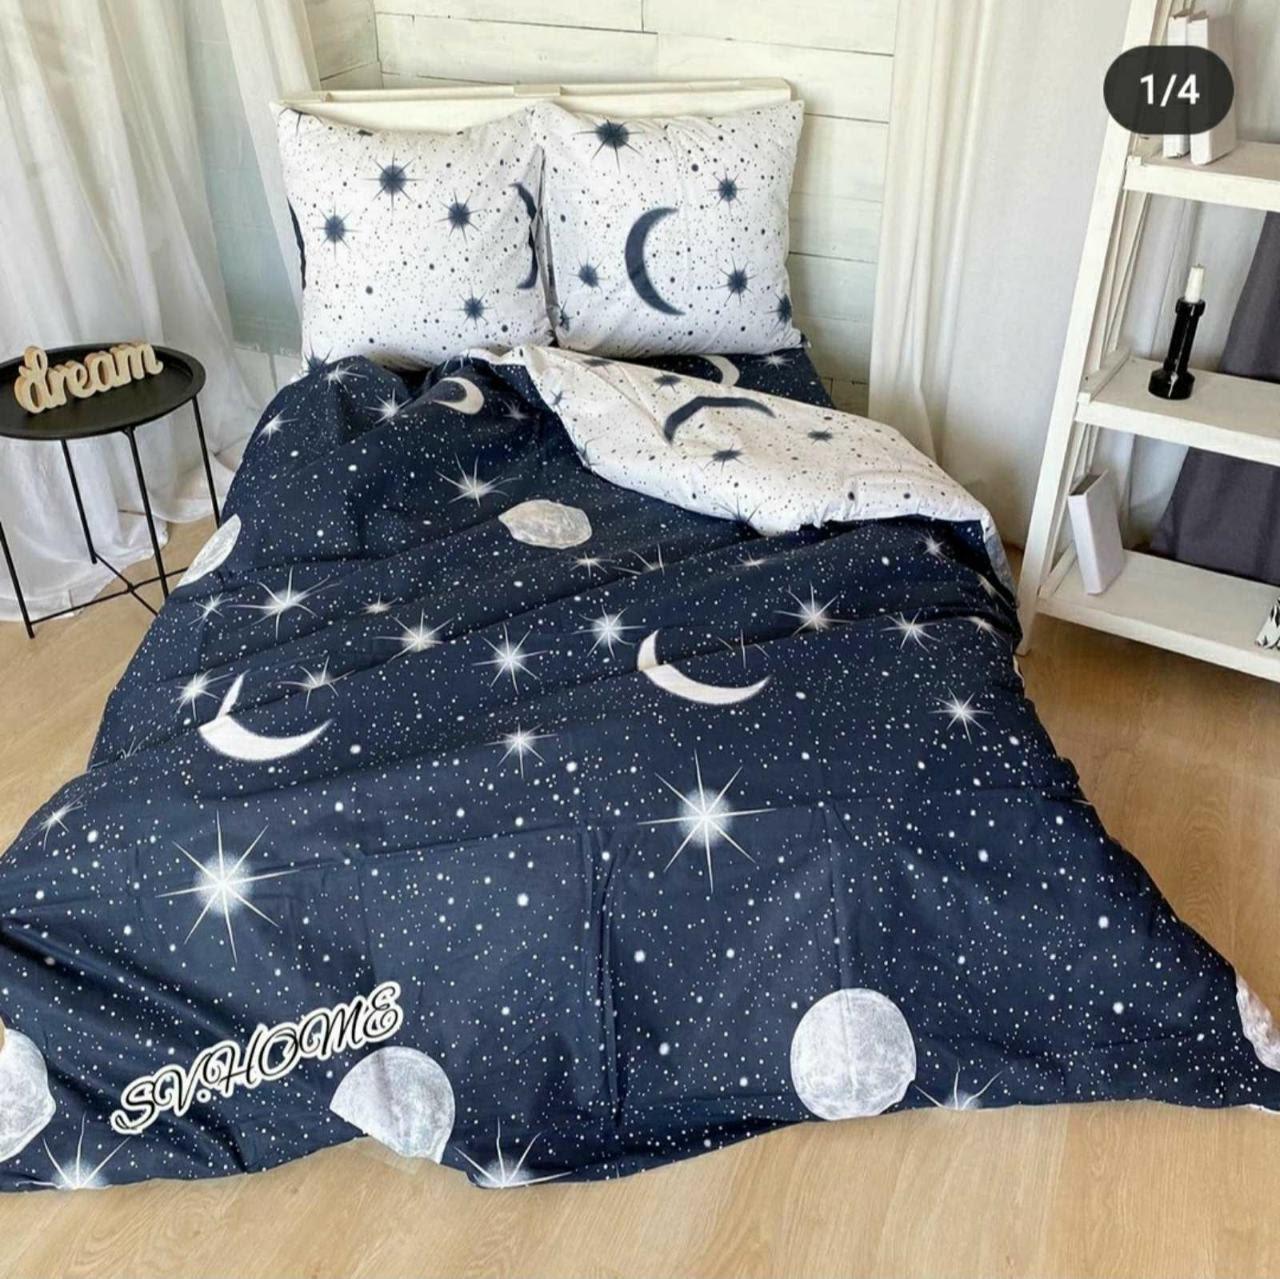 Постельное белье полуторное со звездами